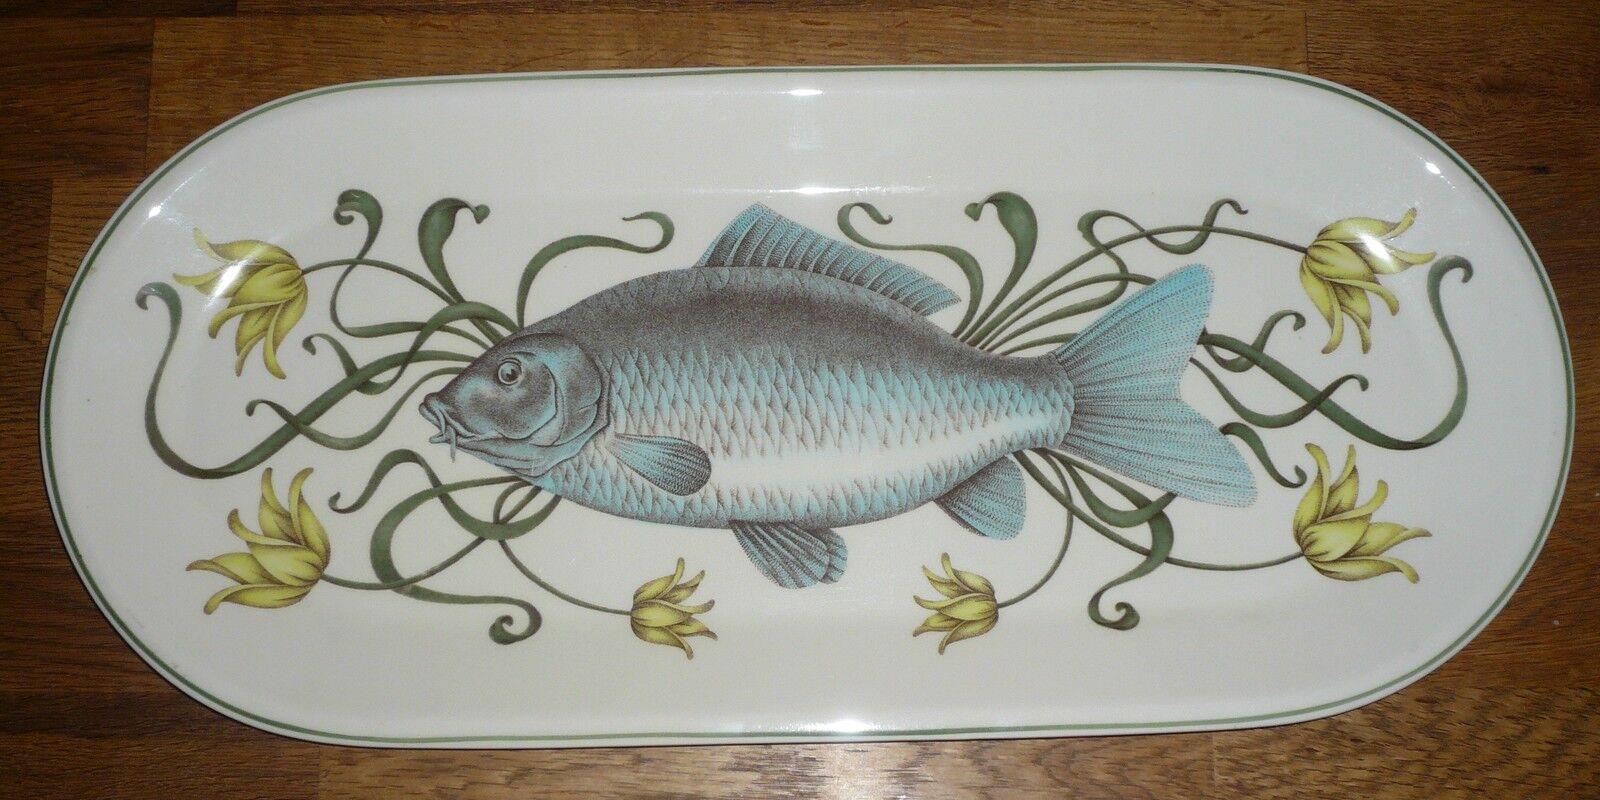 1 Fischplatte     Platte Karpfen 52,5 cm  23,5  Villeroy & Boch  Design braunidge | Passend In Der Farbe  7a167c